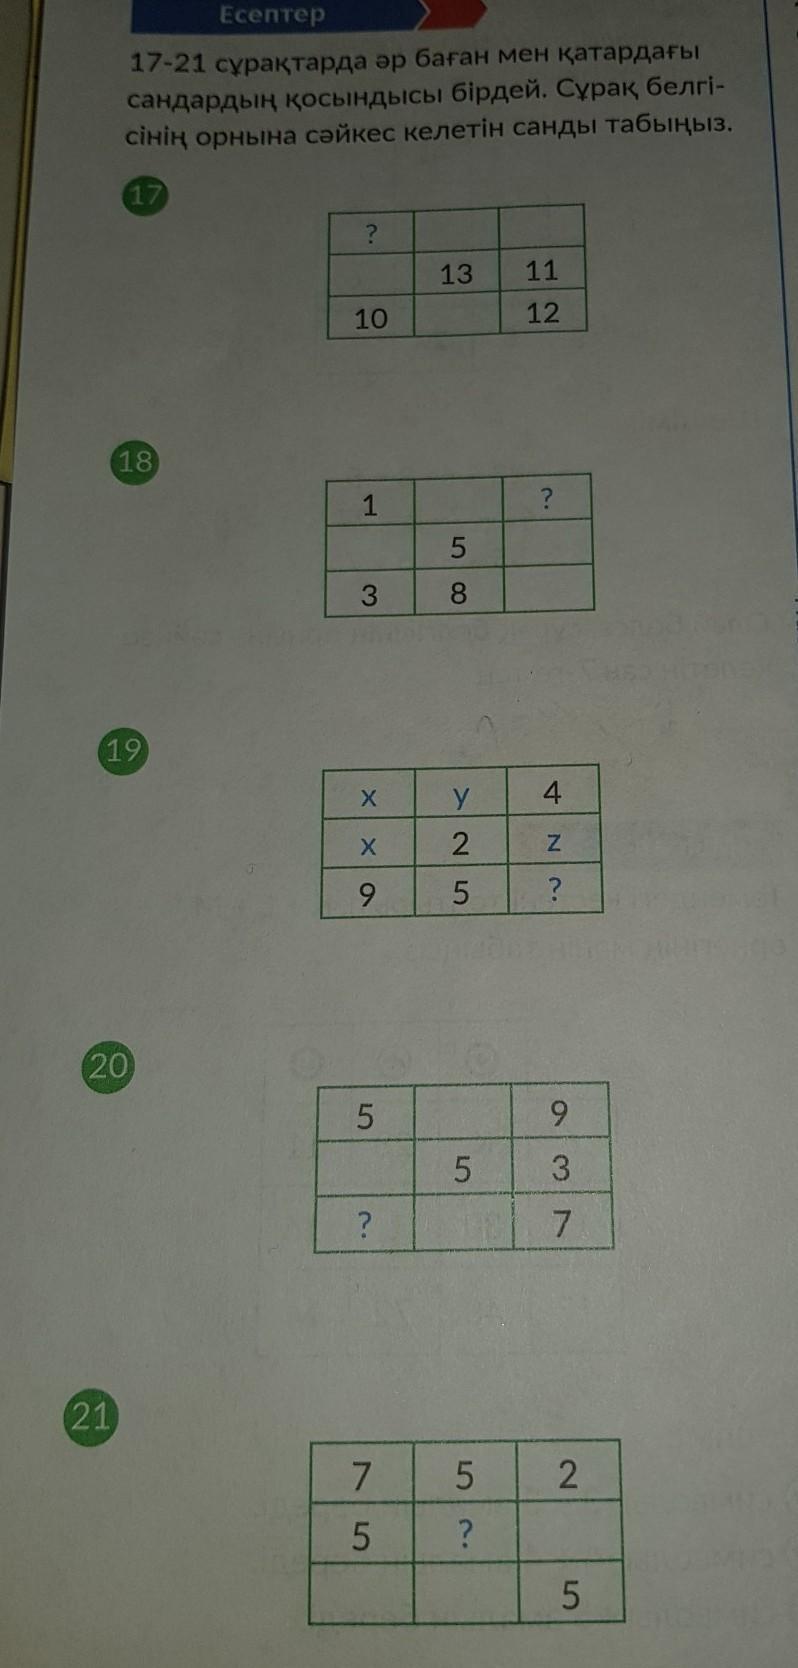 17-21 как решать? ответ не нужен, а способ